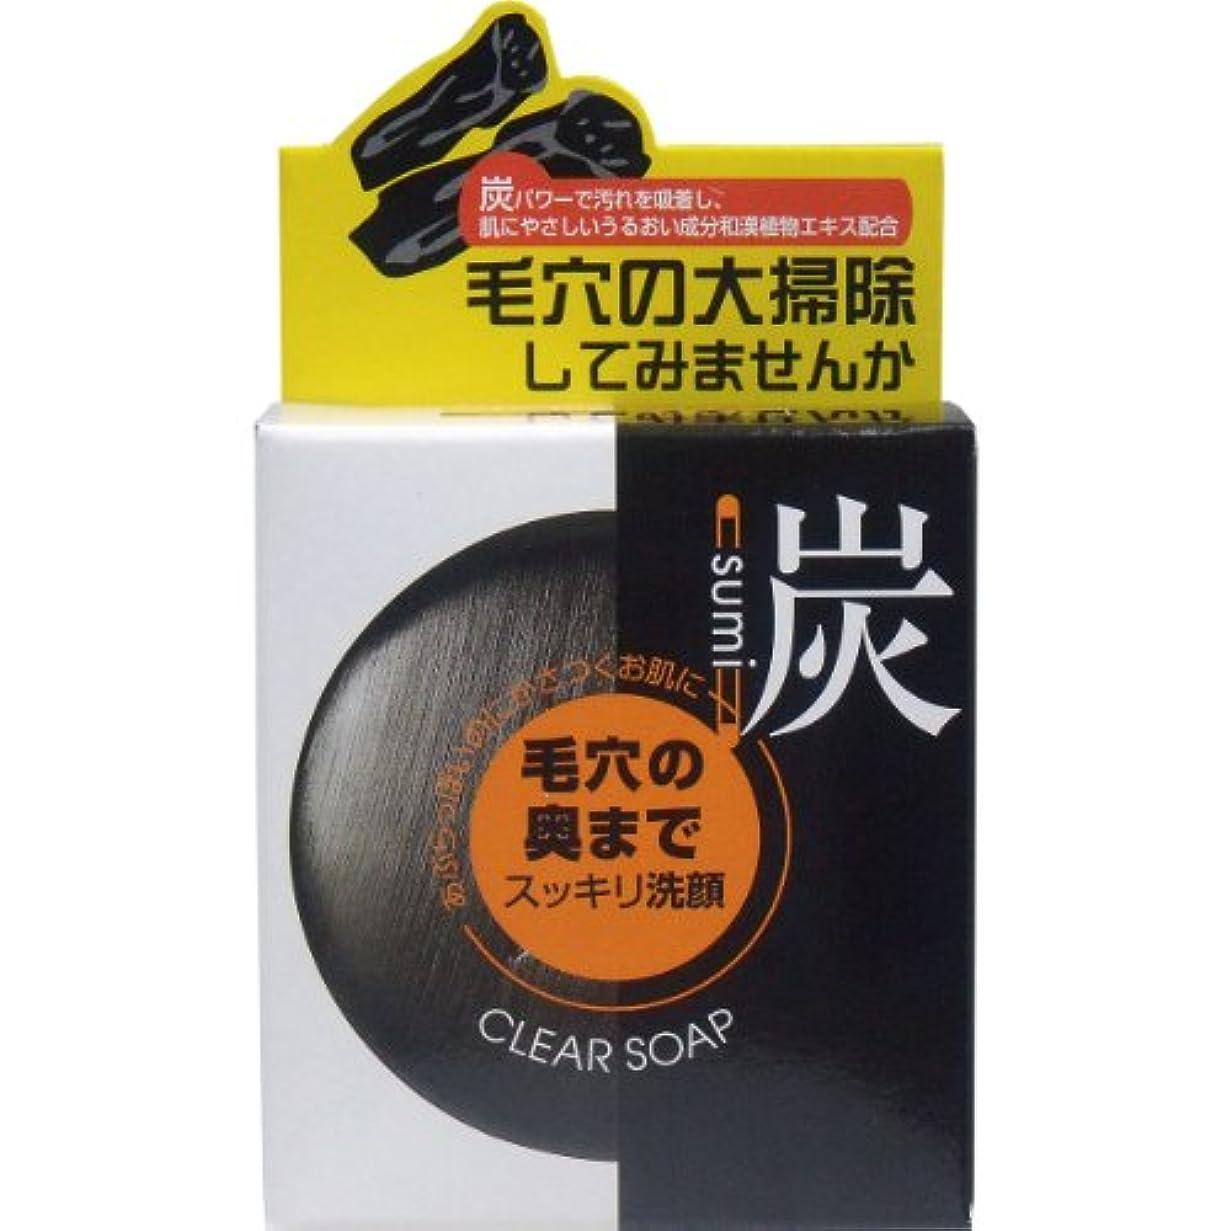 約設定不完全な添加ユゼ 炭透明石けん 5セット